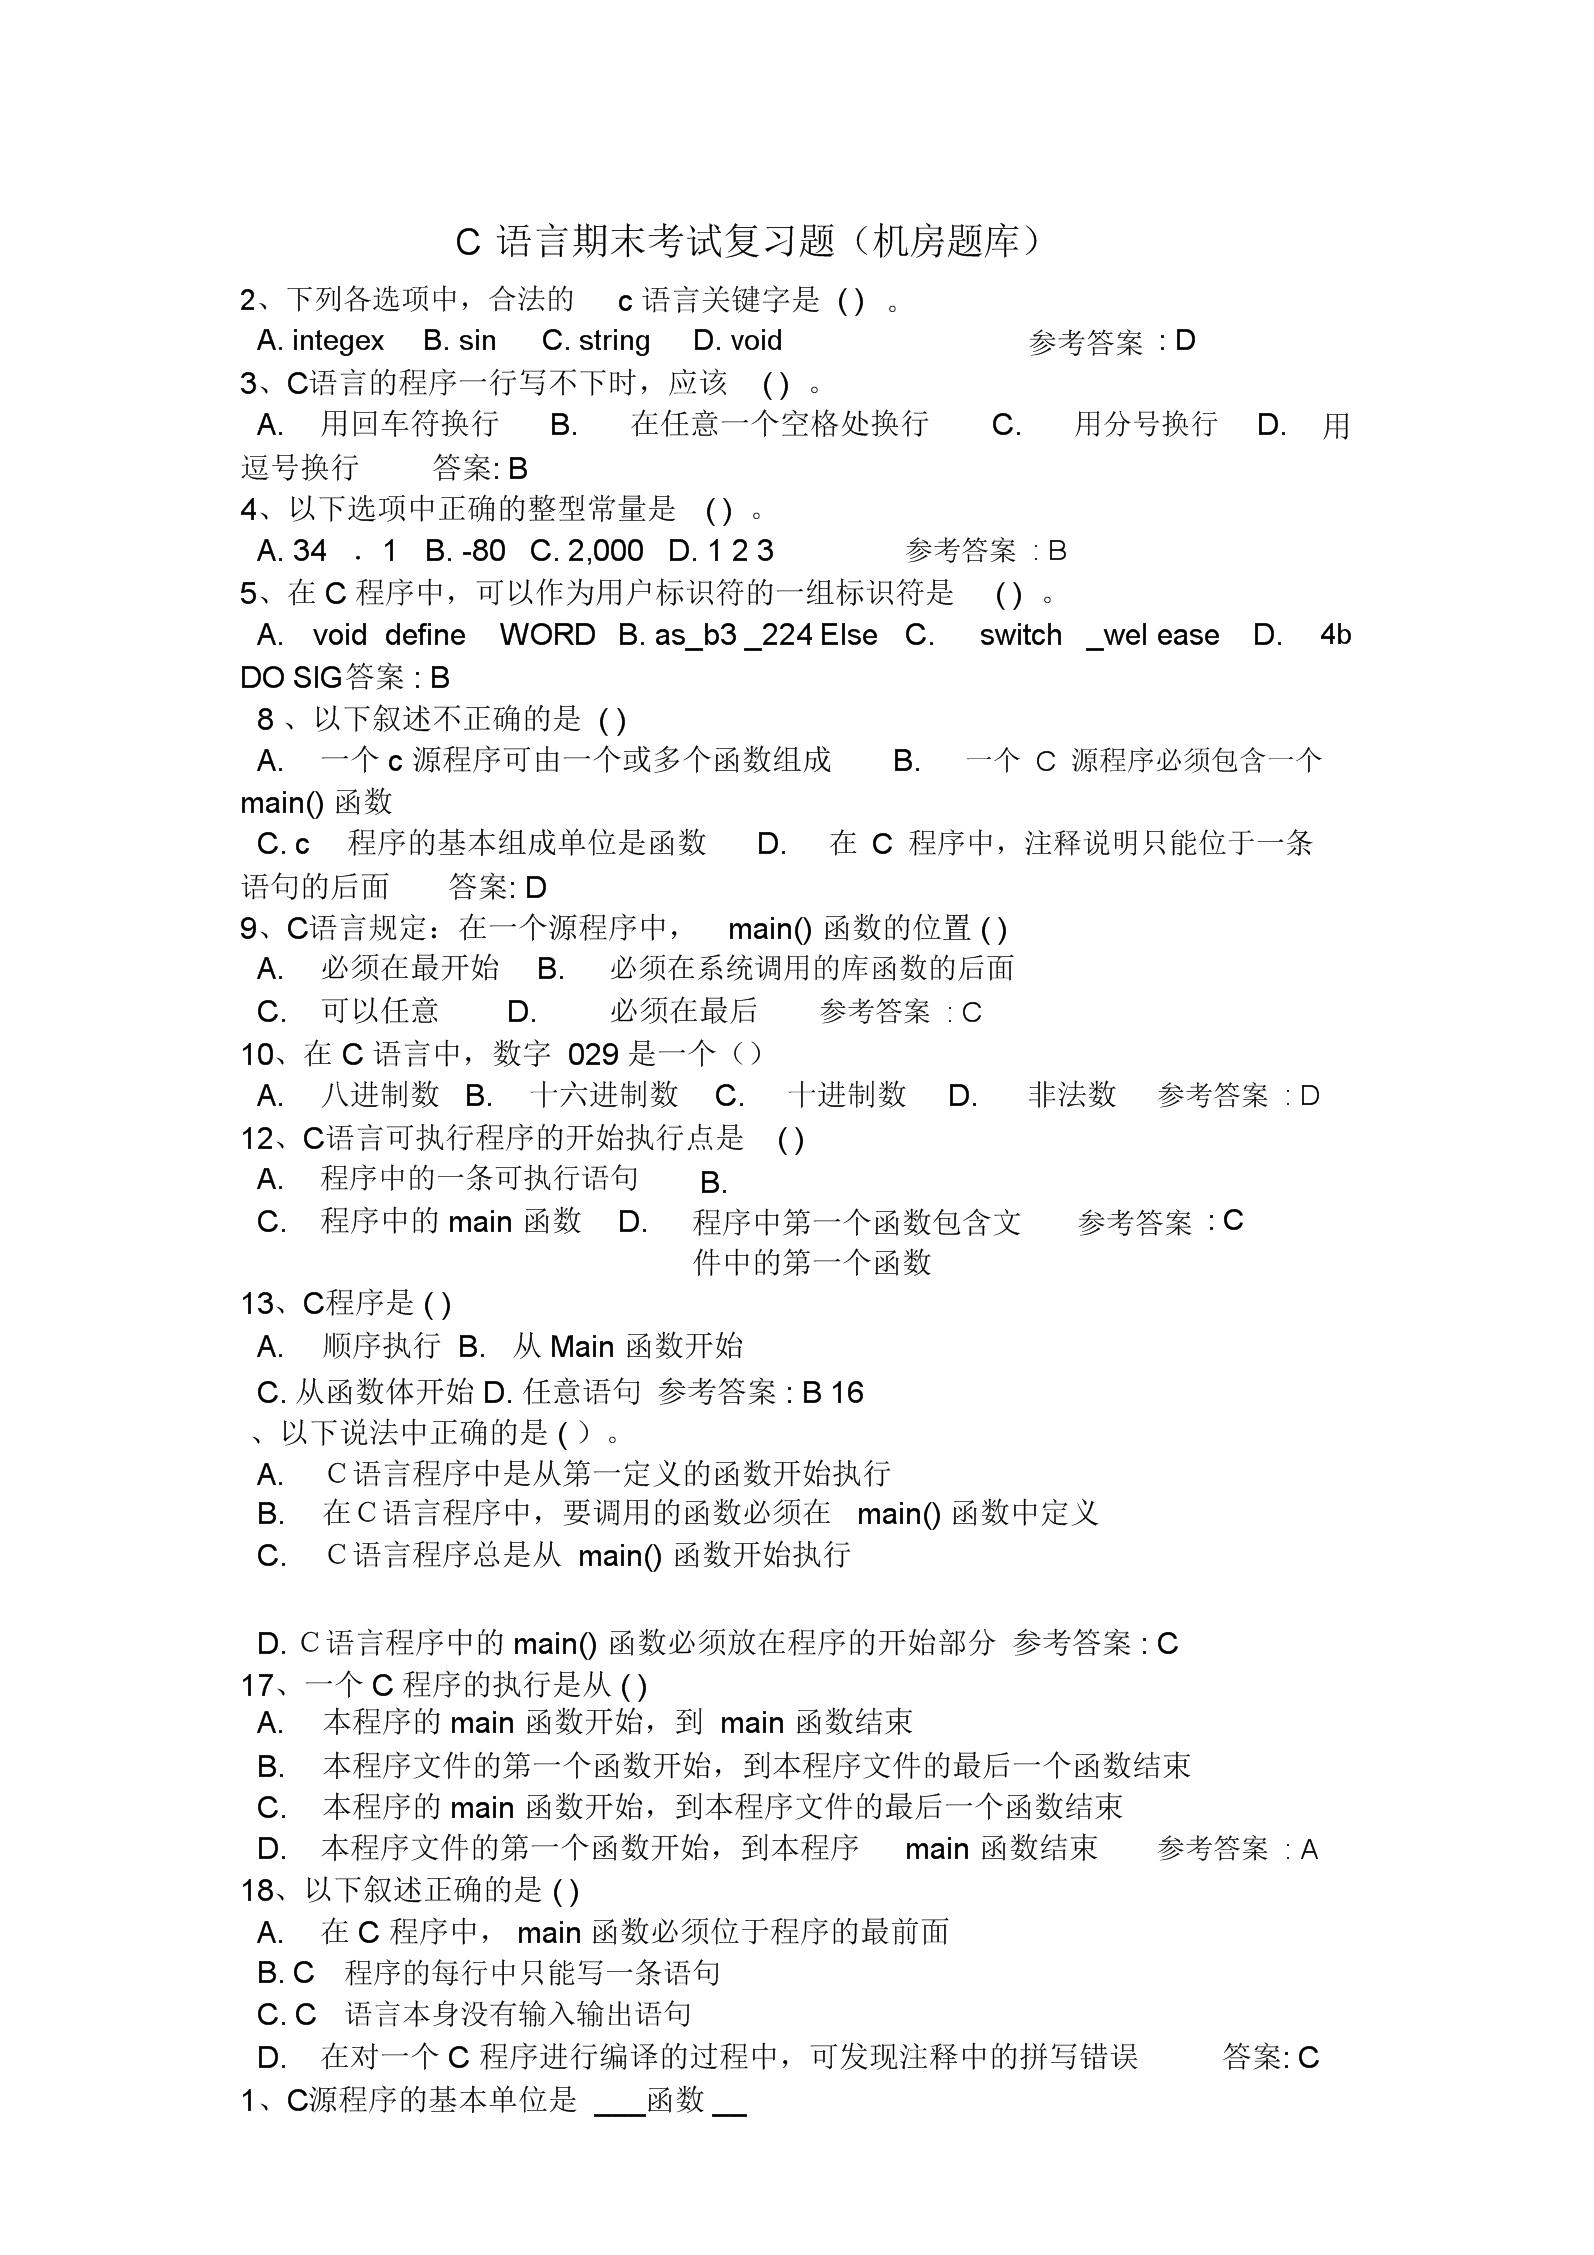 湖南工业大学C语言期末考试复习题.doc